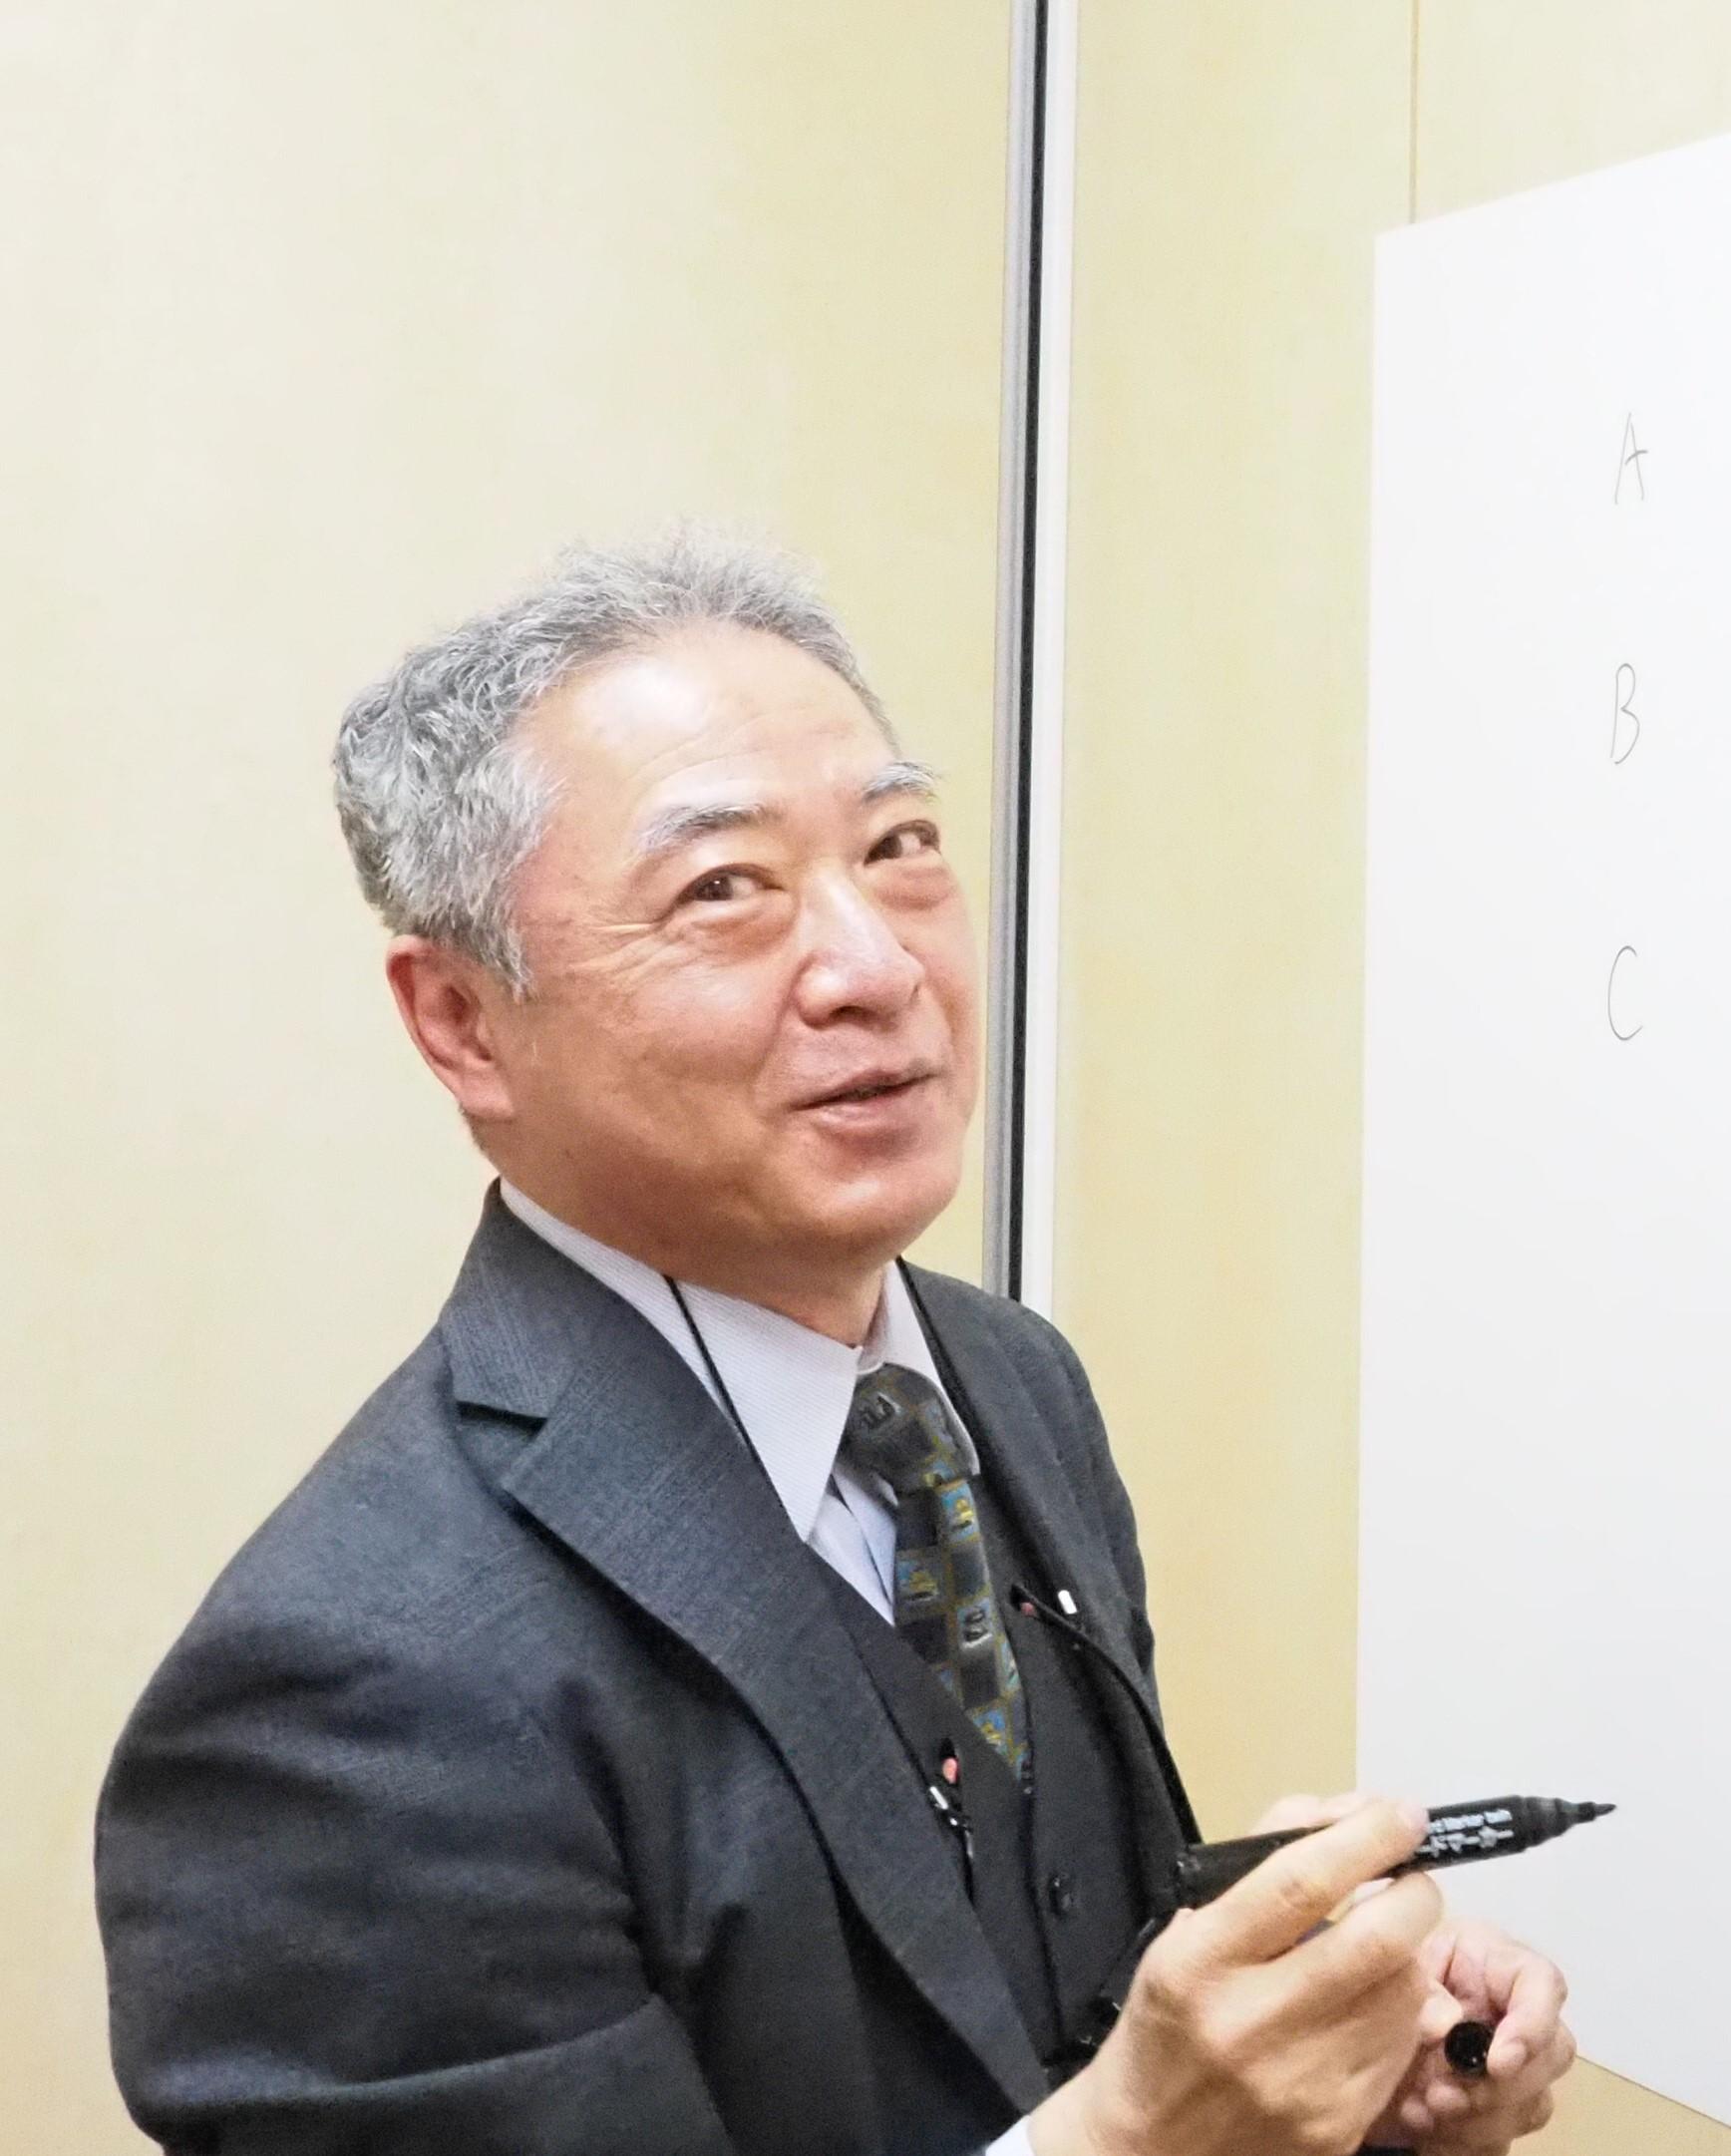 シリーズ;東京「人口減」をどうみるか③ ーコロナ禍で賃貸供給過剰に タス(上)